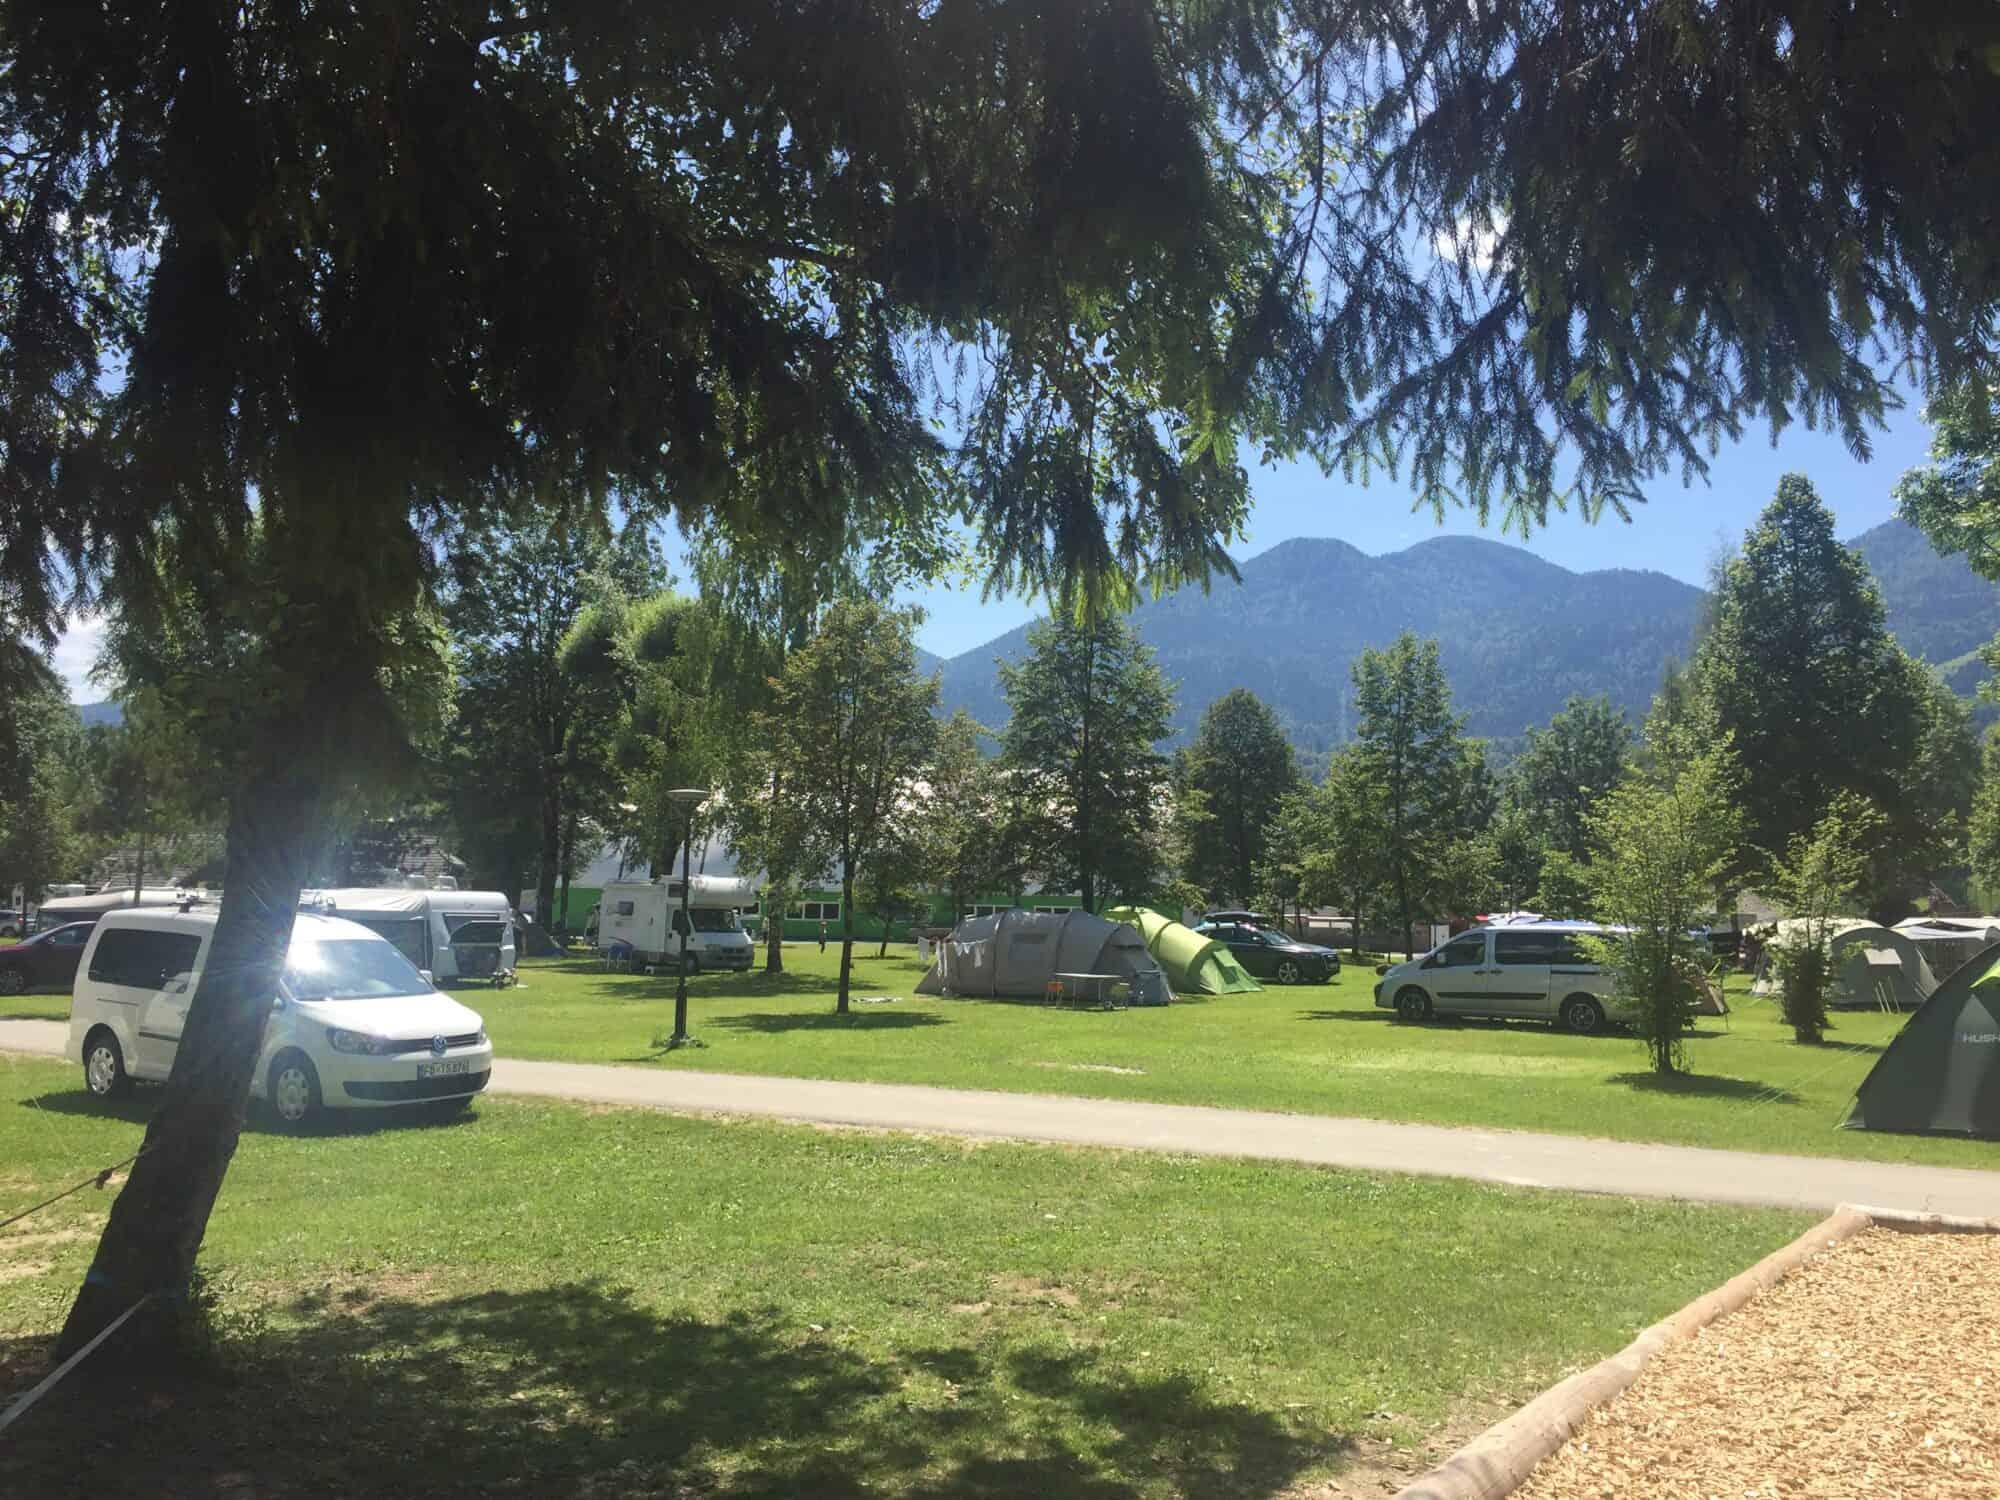 V kampu Danica je prostora za 700 ljudi (Bohinjska Bistrica)